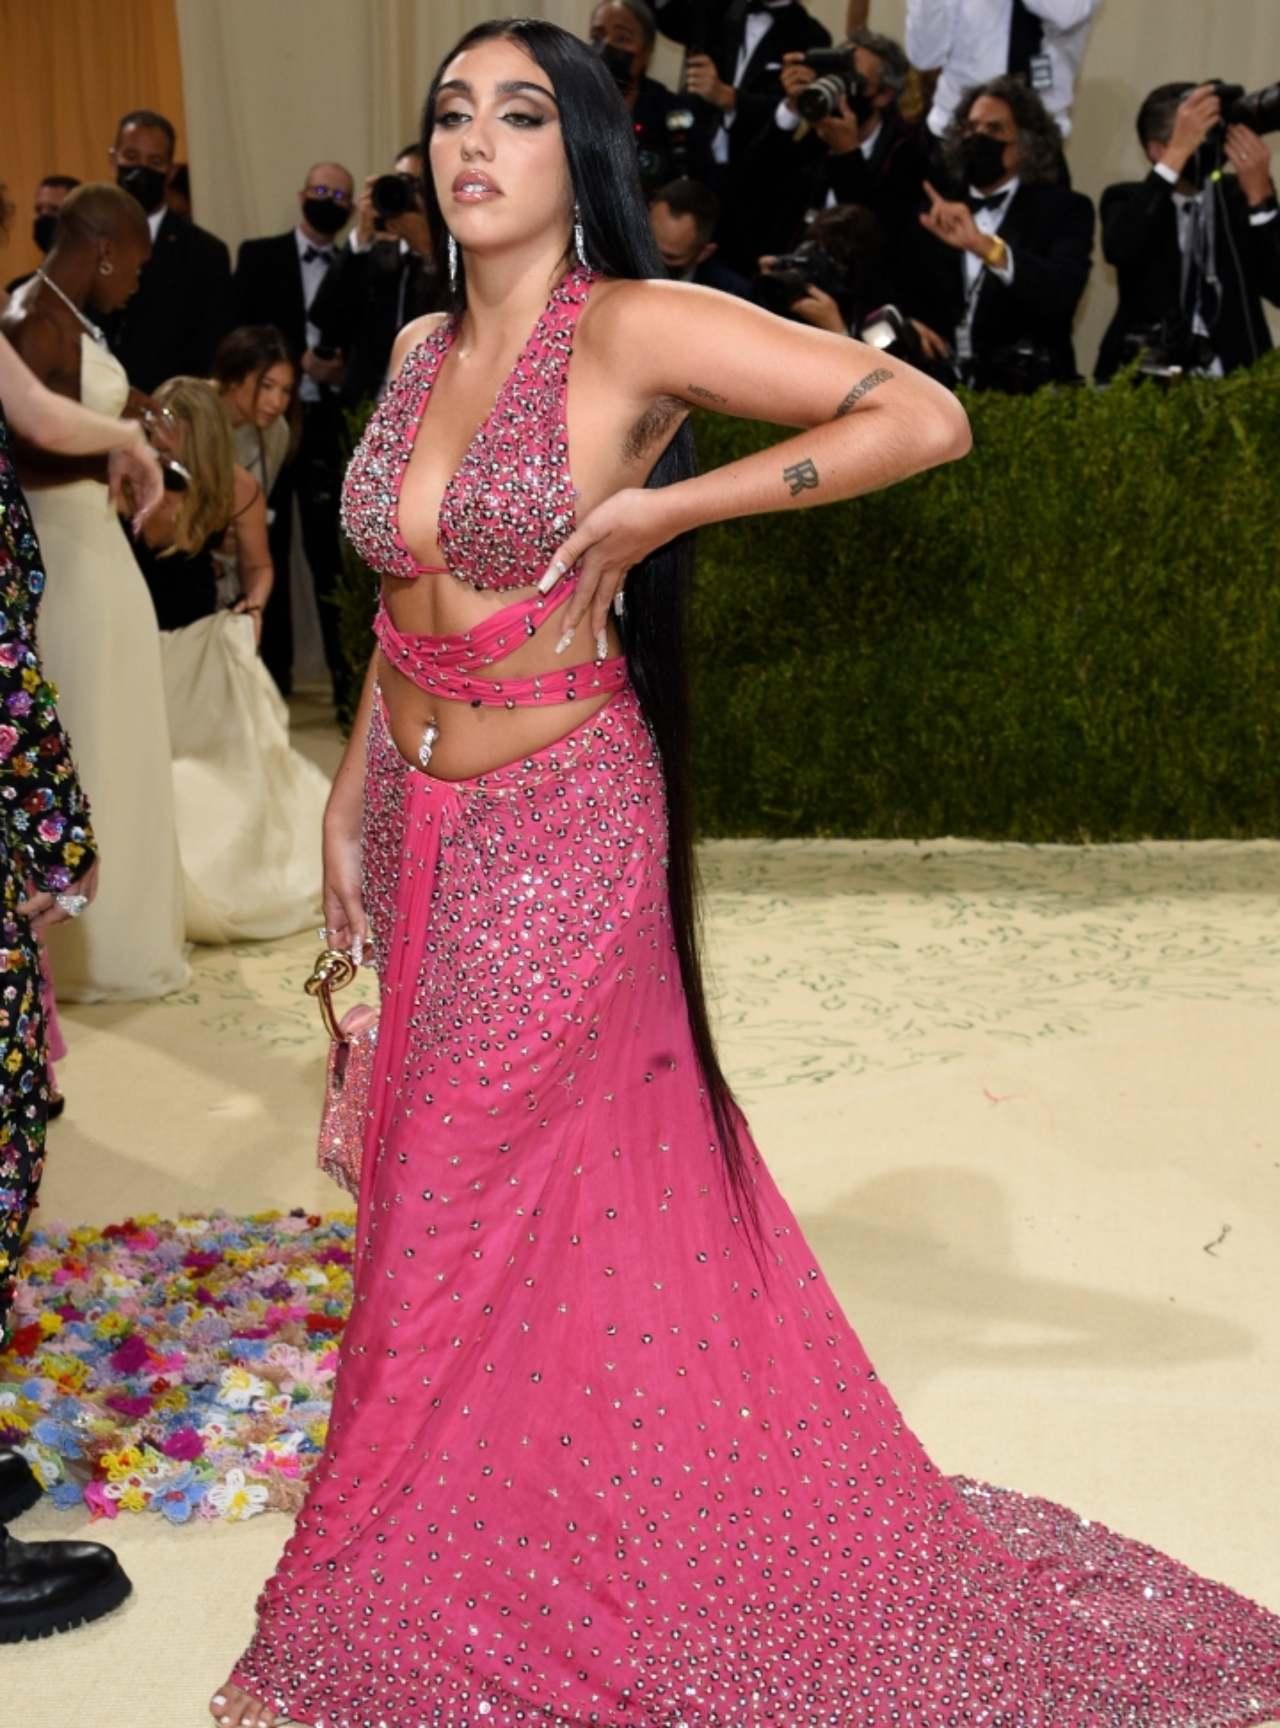 Lourdes León Met Gala Madonna